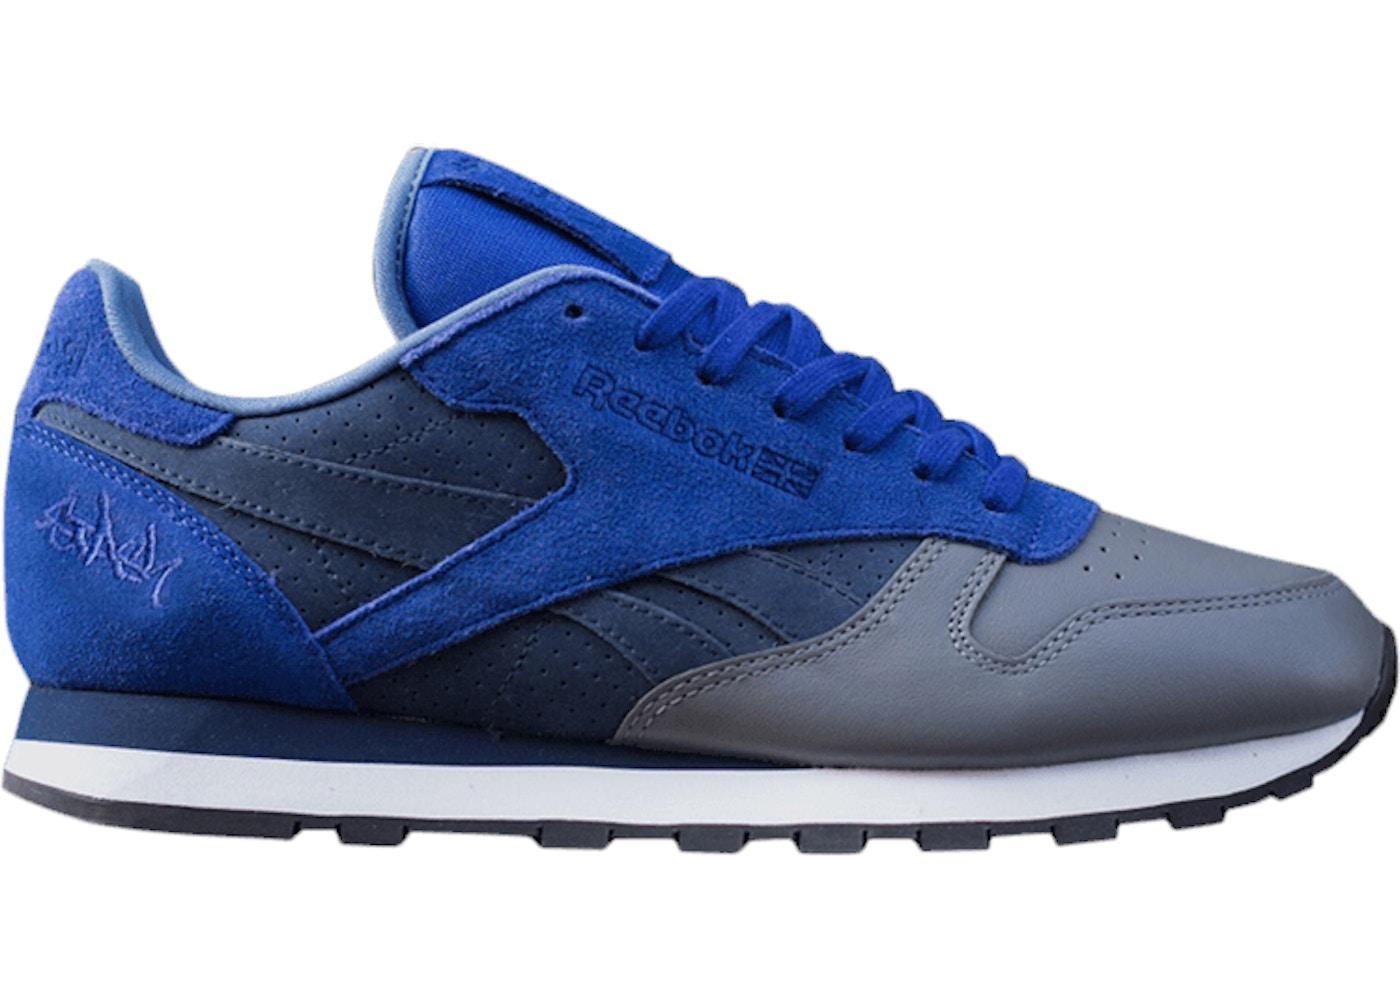 best service eea32 2b427 Reebok Size 10 Shoes - New Lowest Asks